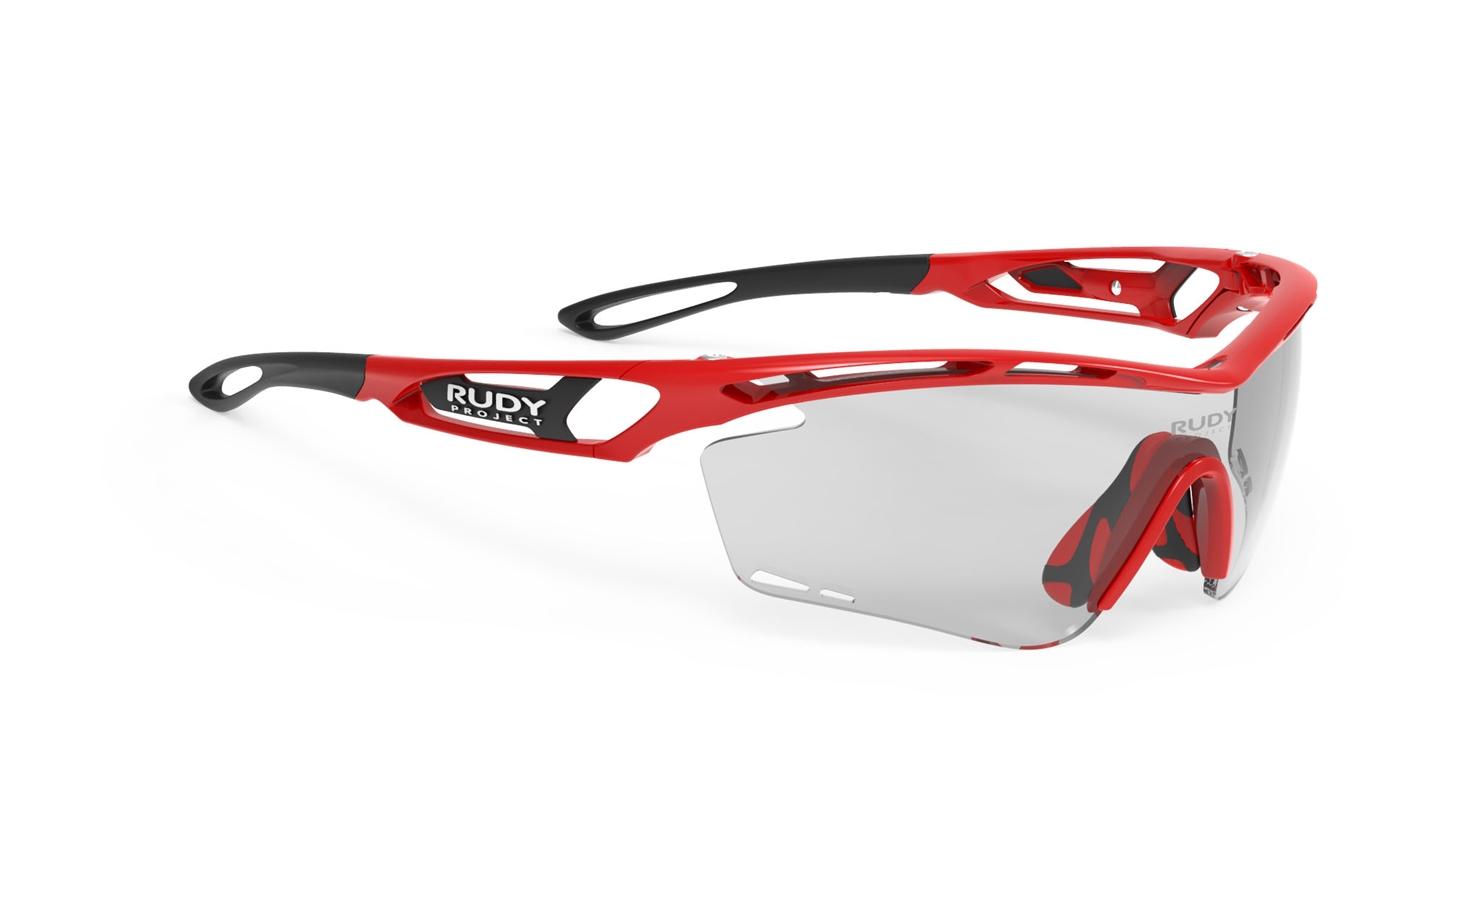 dde1bb3133 Performance Eyewear - Rudy Project